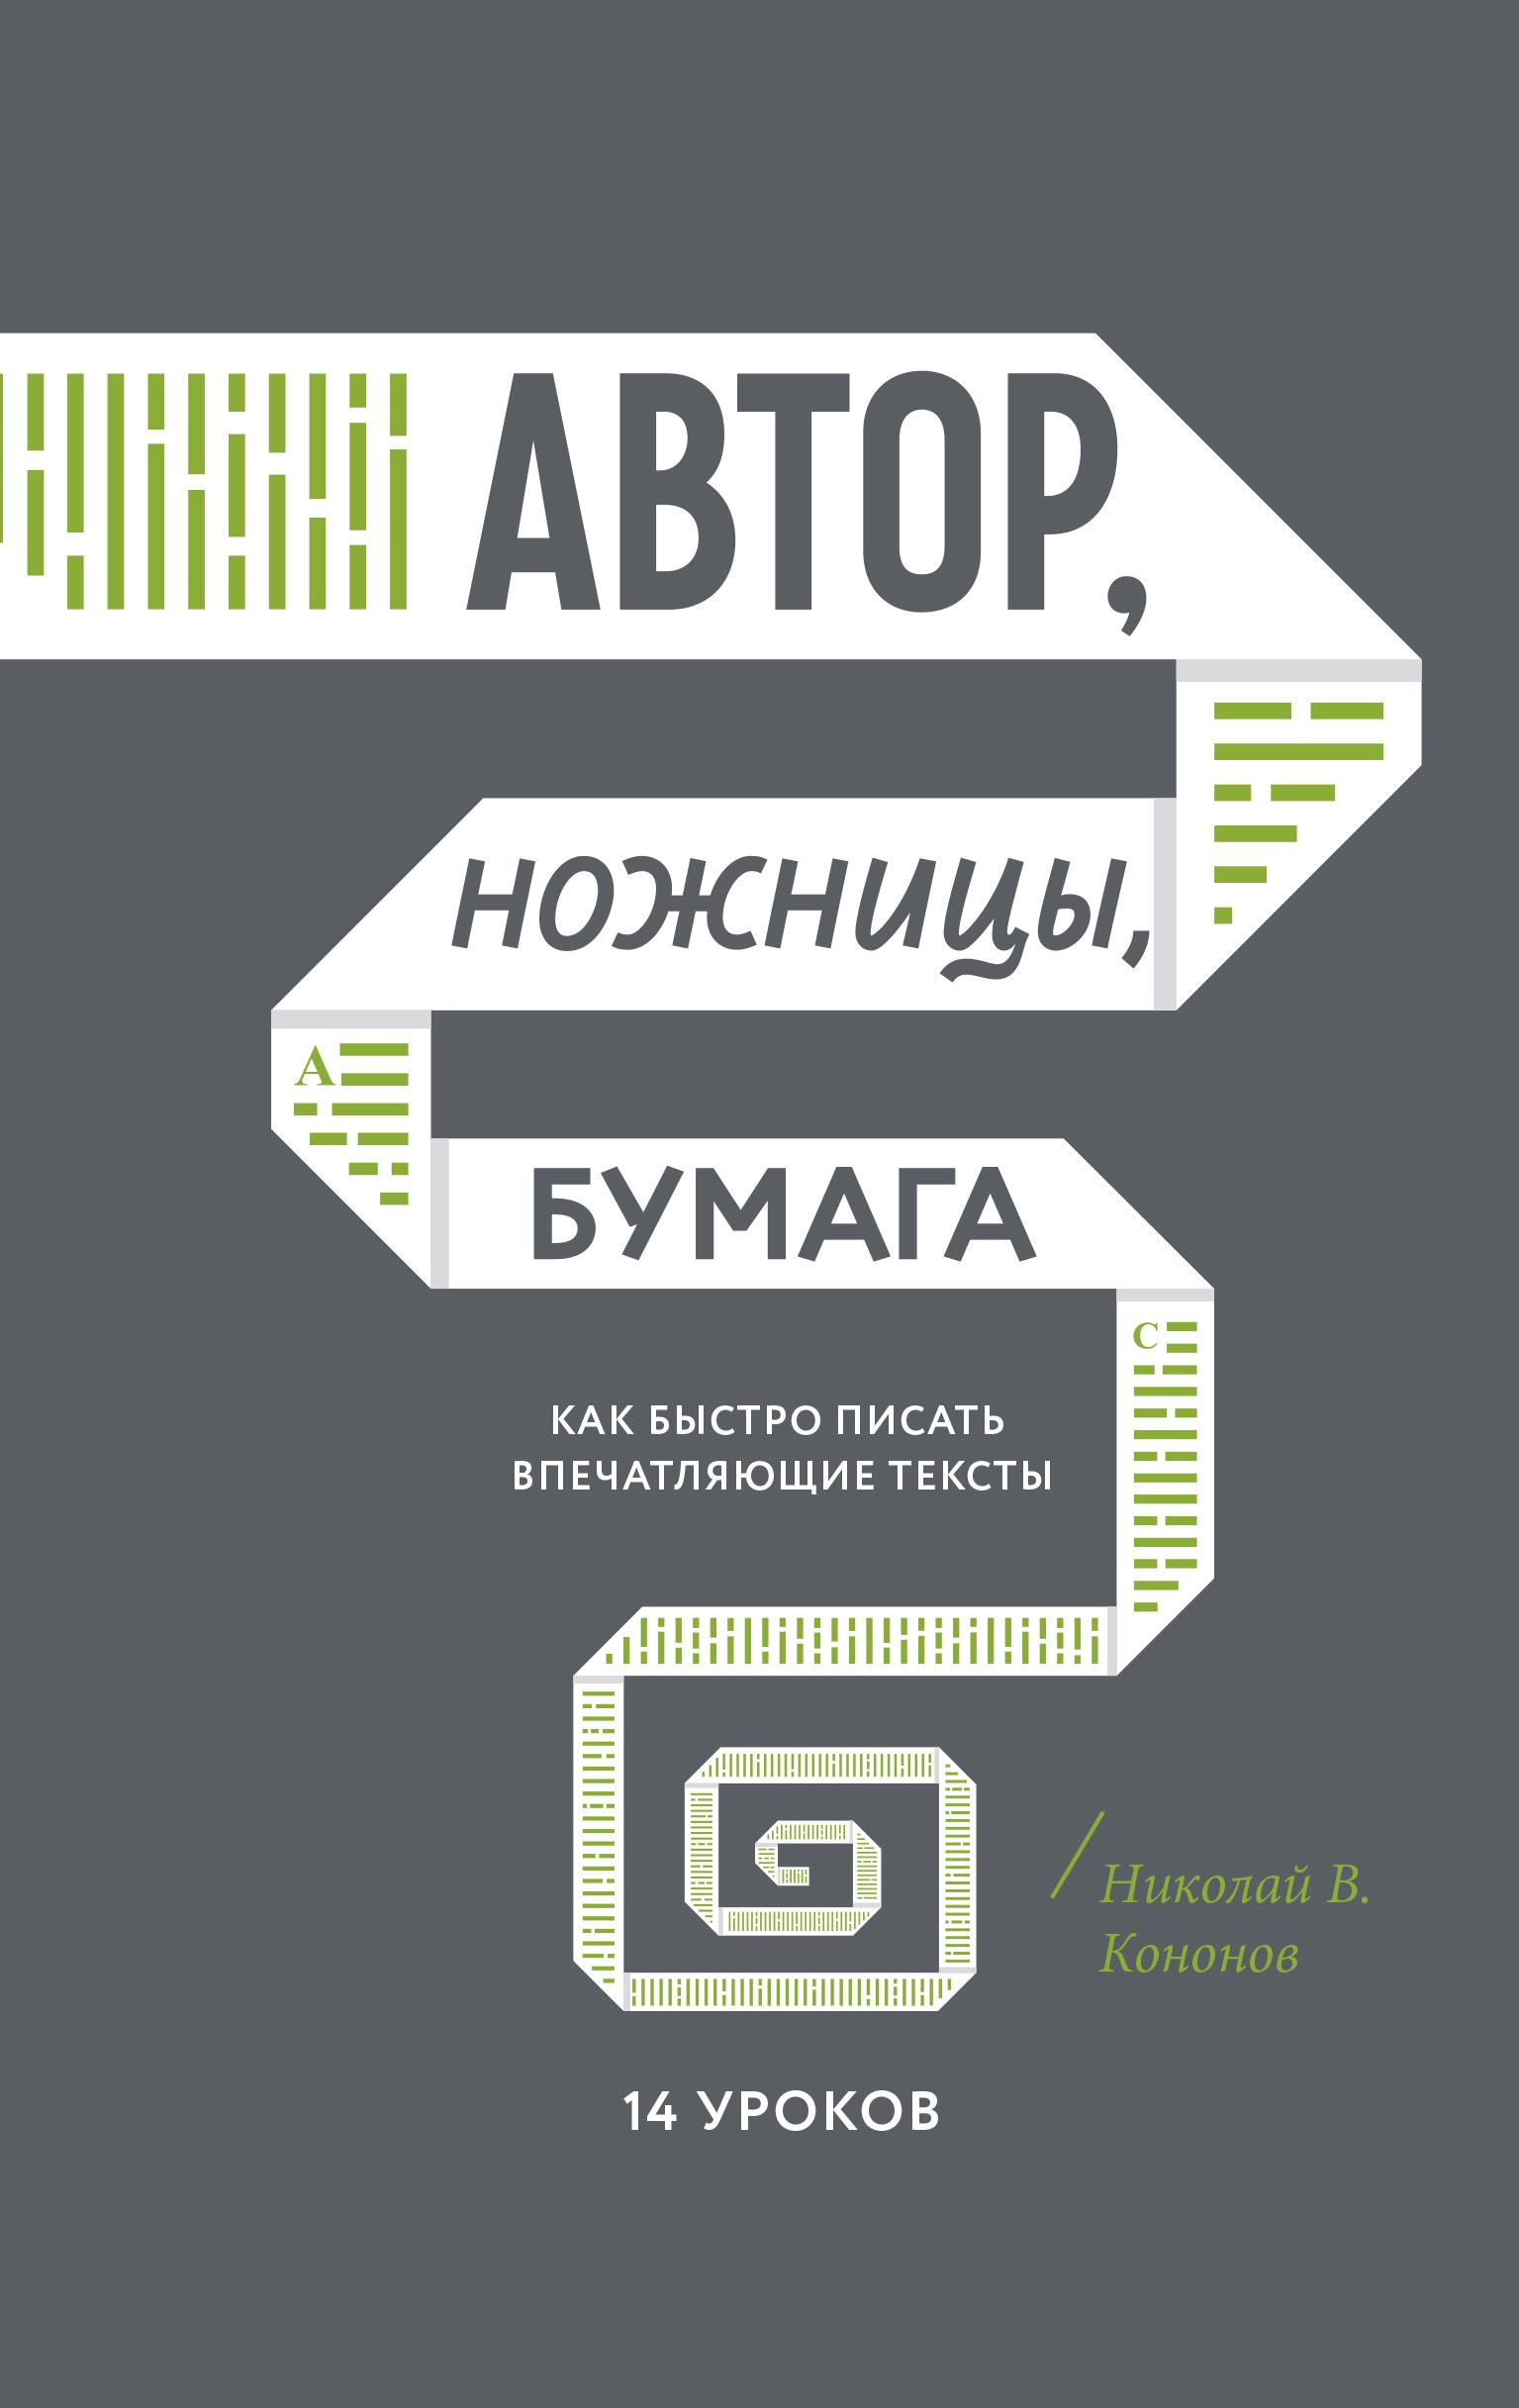 Автор, ножницы, бумага. Как быстро писать впечатляющие тексты. 14 уроков ( Николай В. Кононов  )